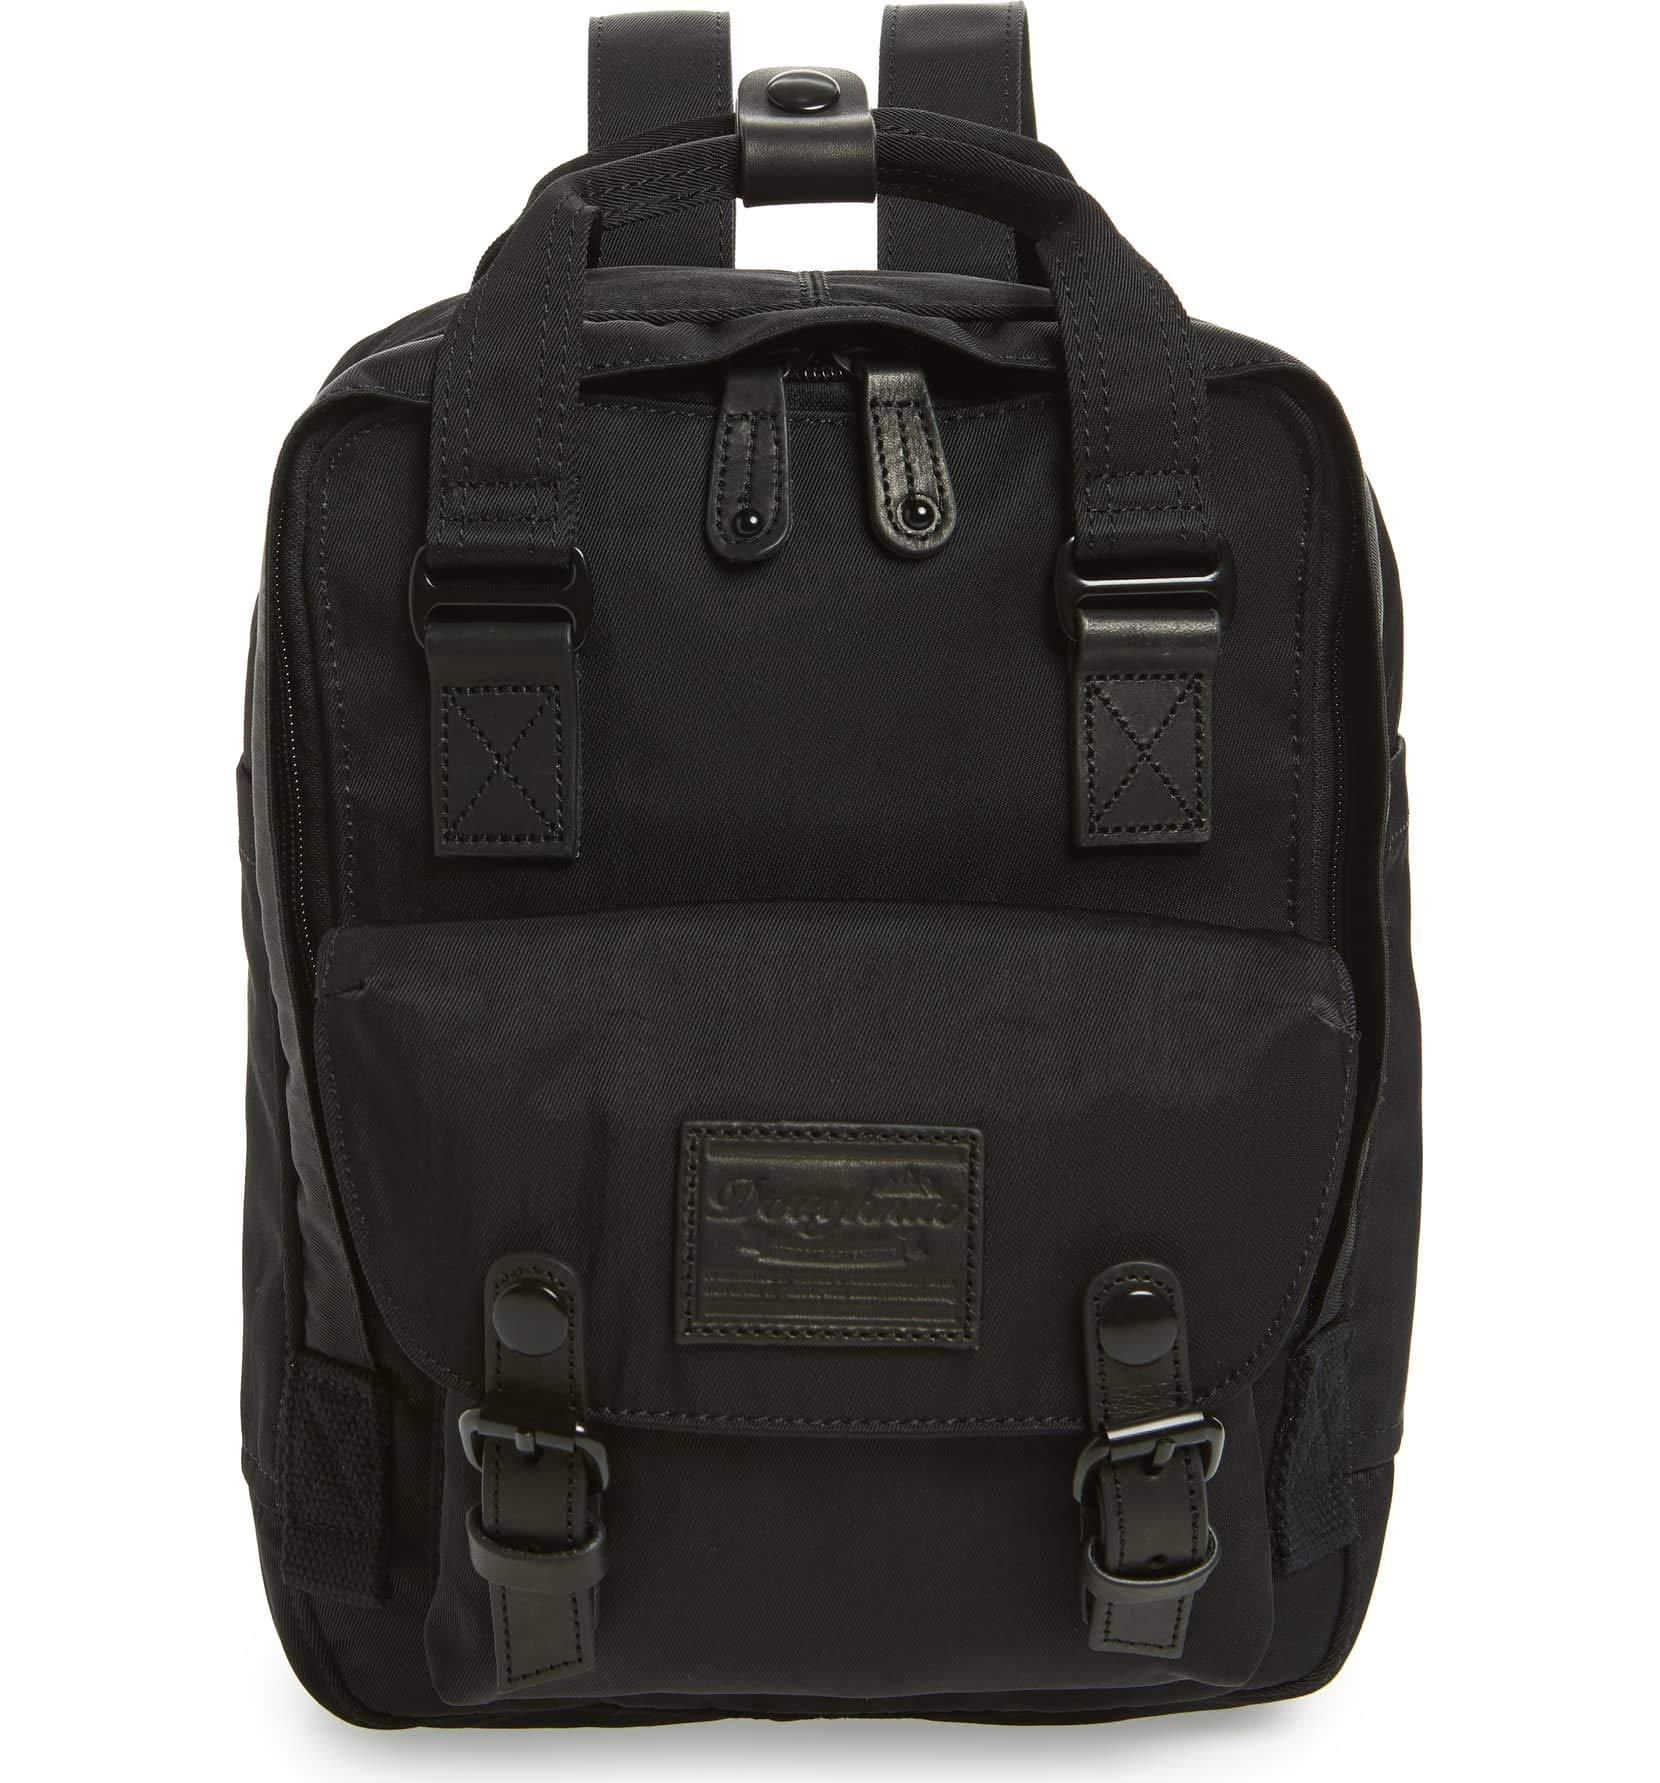 Doughnut Handtaschen Taschen D124_B 0003 black Schwarz g7pqM